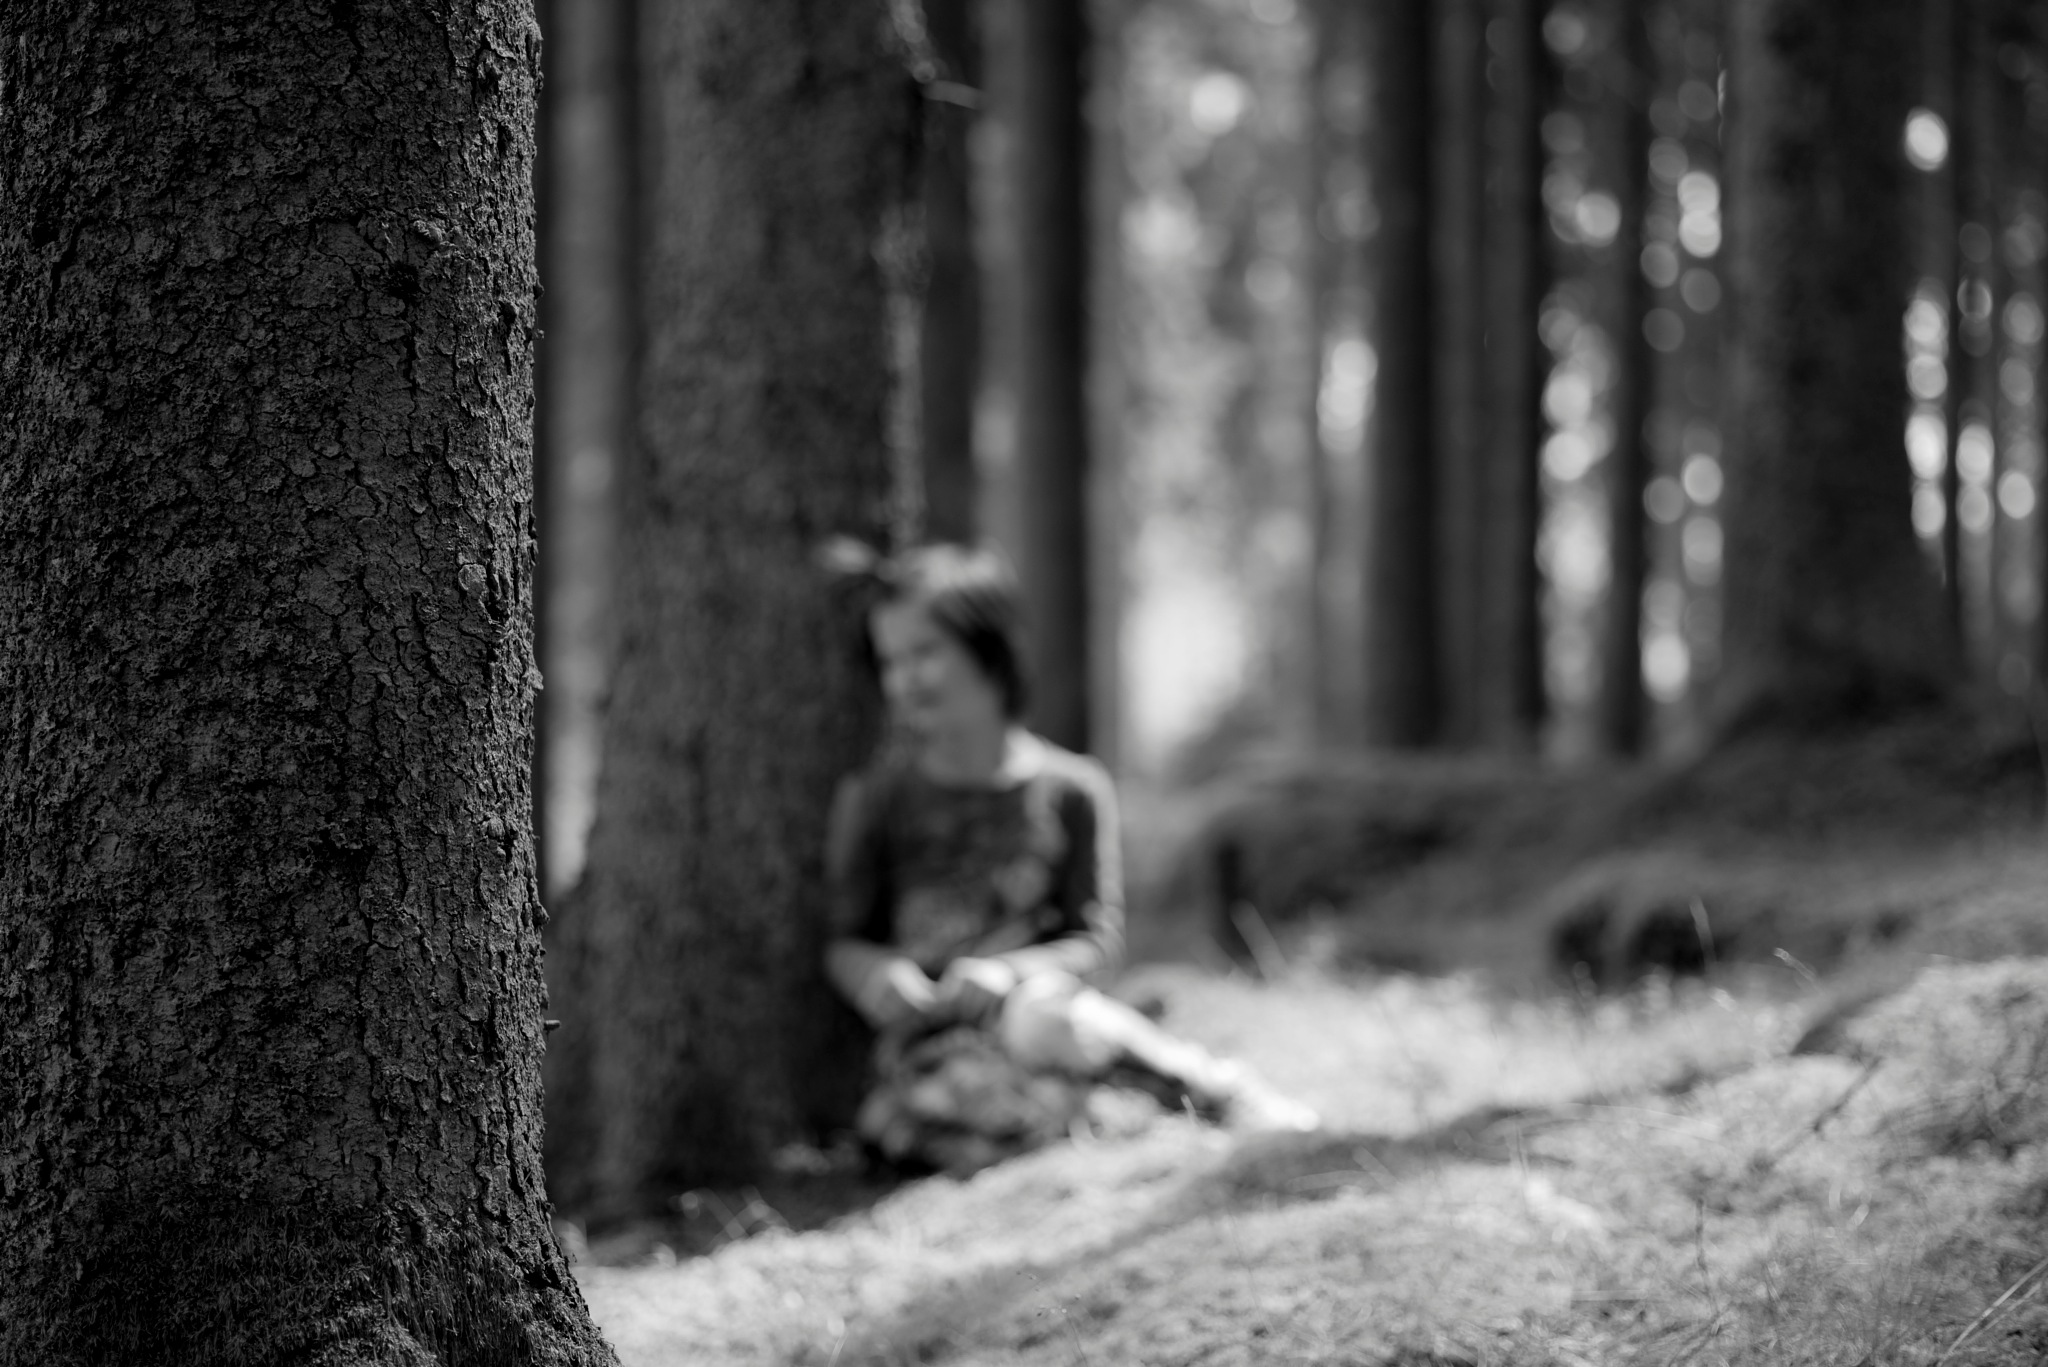 Untitled by Ninja-Li Einarsen Stahre